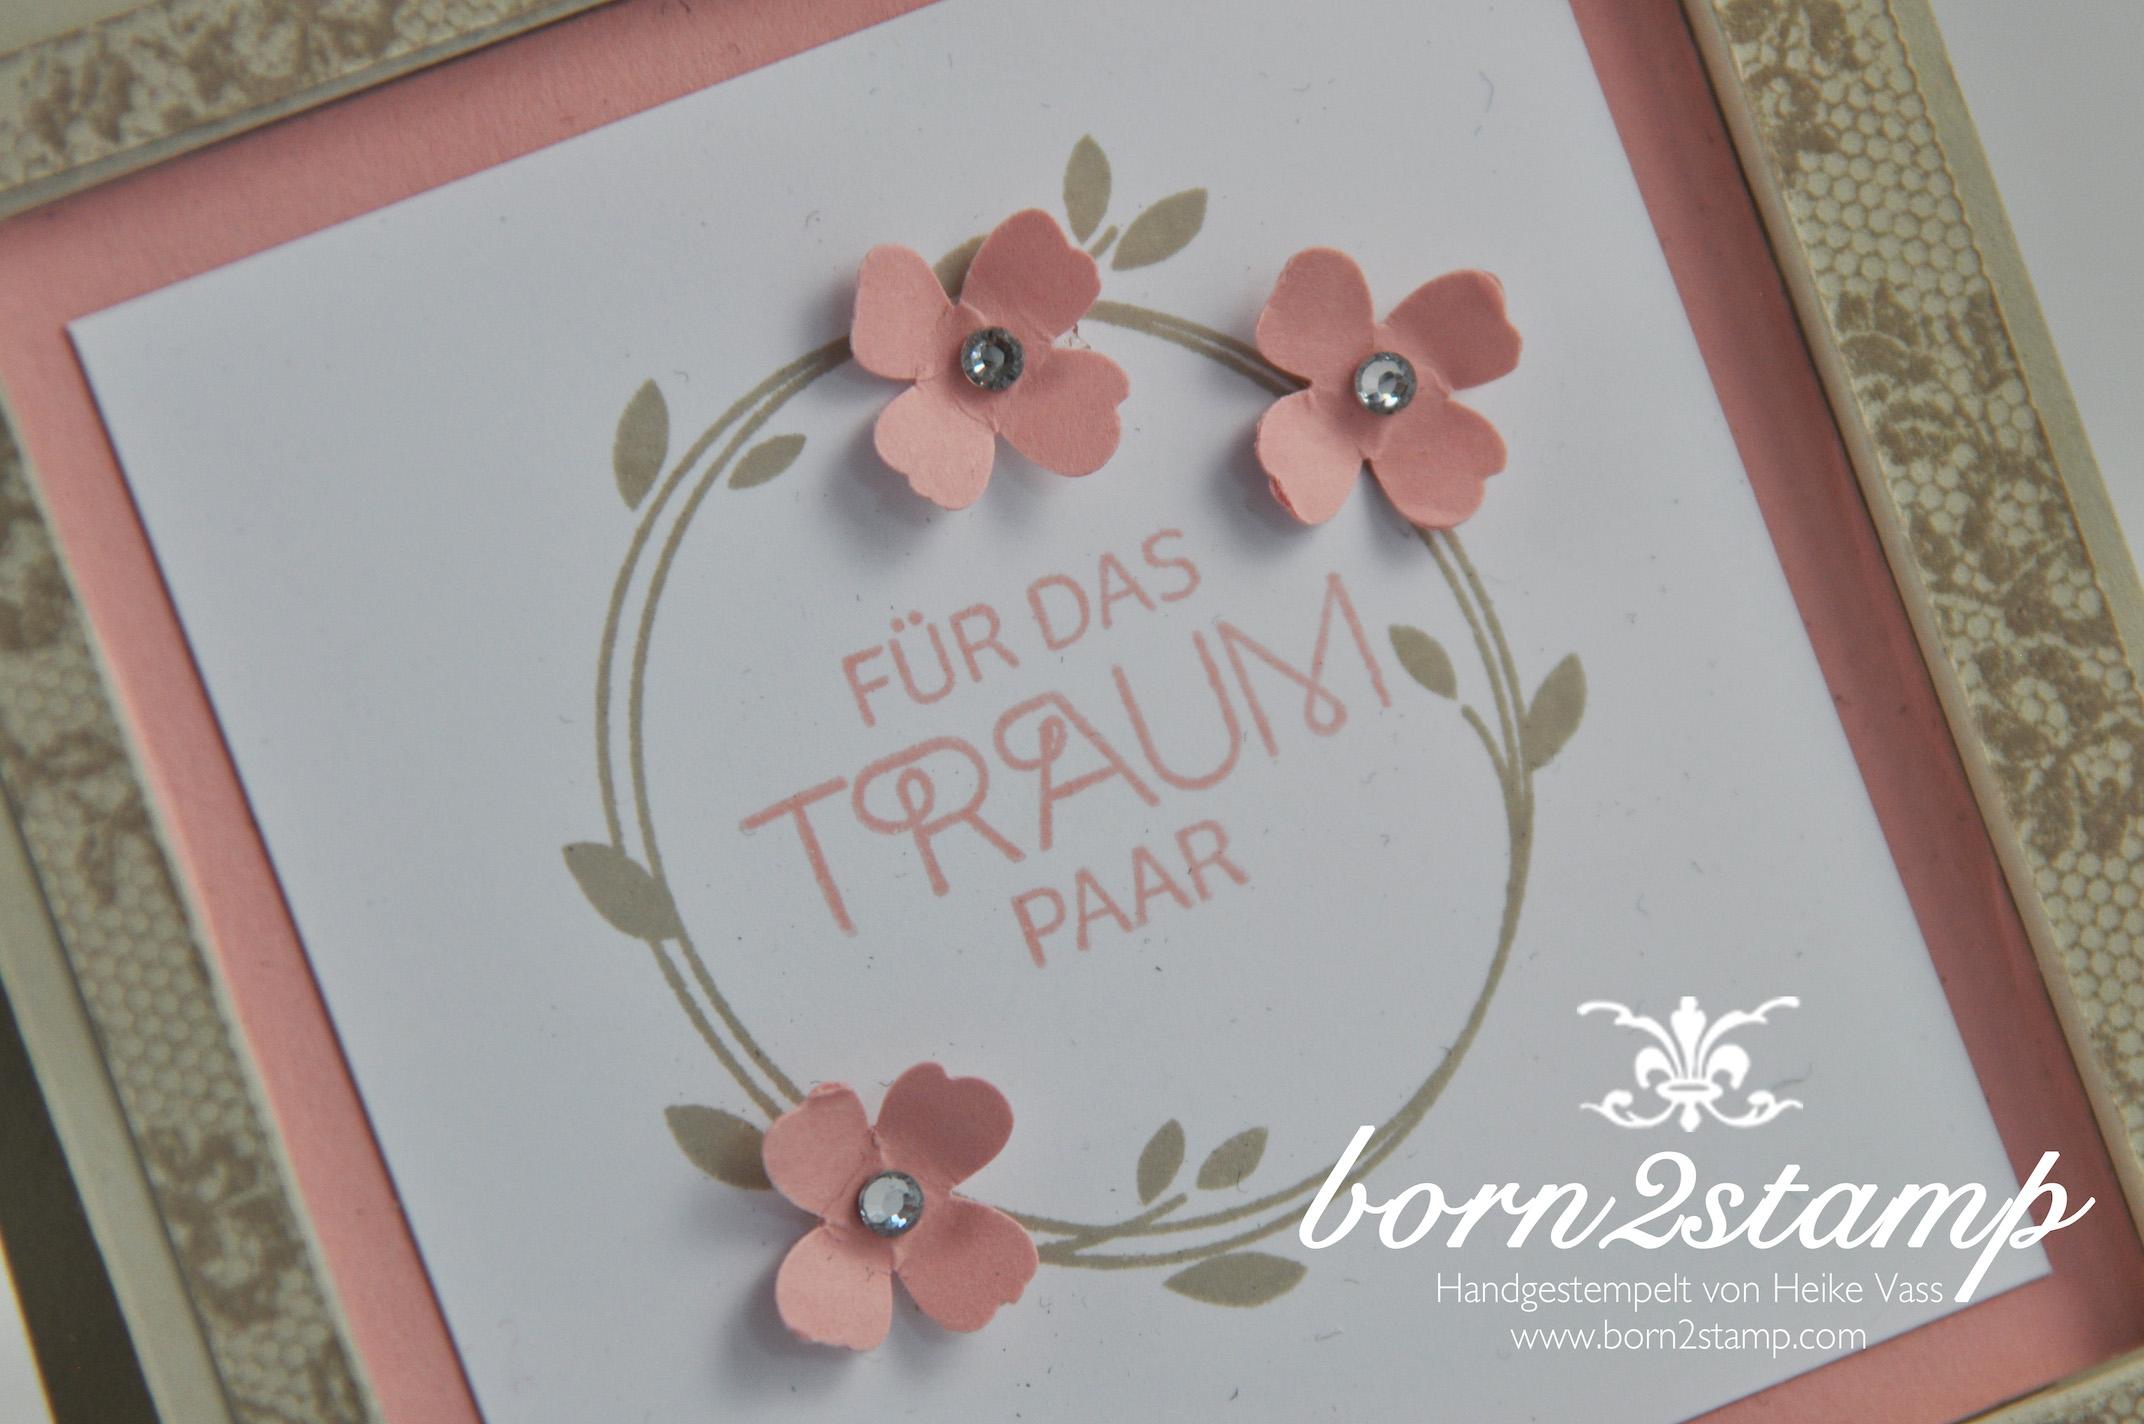 STAMPIN' UP! born2stamp Hochzeitskarte – I love lace – Perfekter Tag – Itty bitty Akzente – Strassschmuck – recessed window card